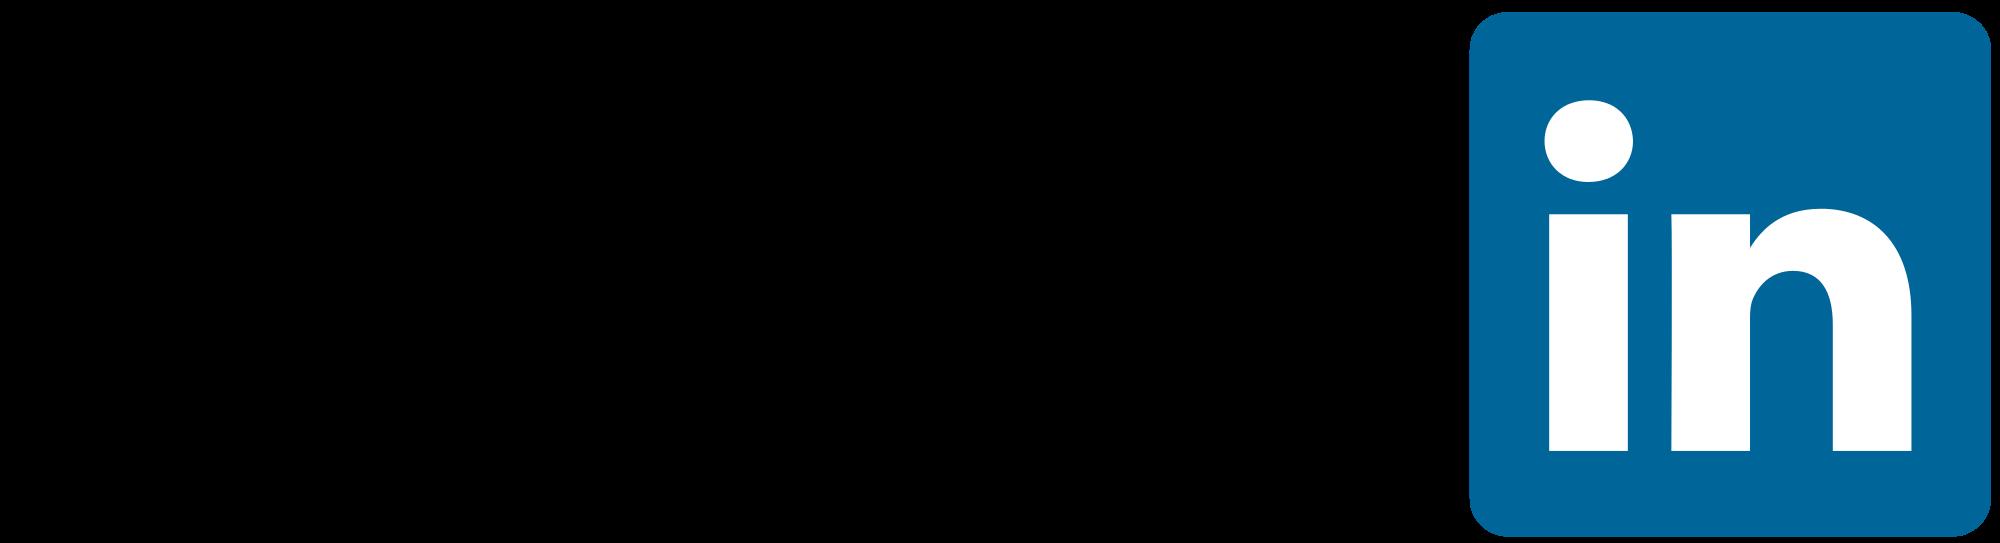 Linkedin_Logo.svg.png - Linkedin, Transparent background PNG HD thumbnail